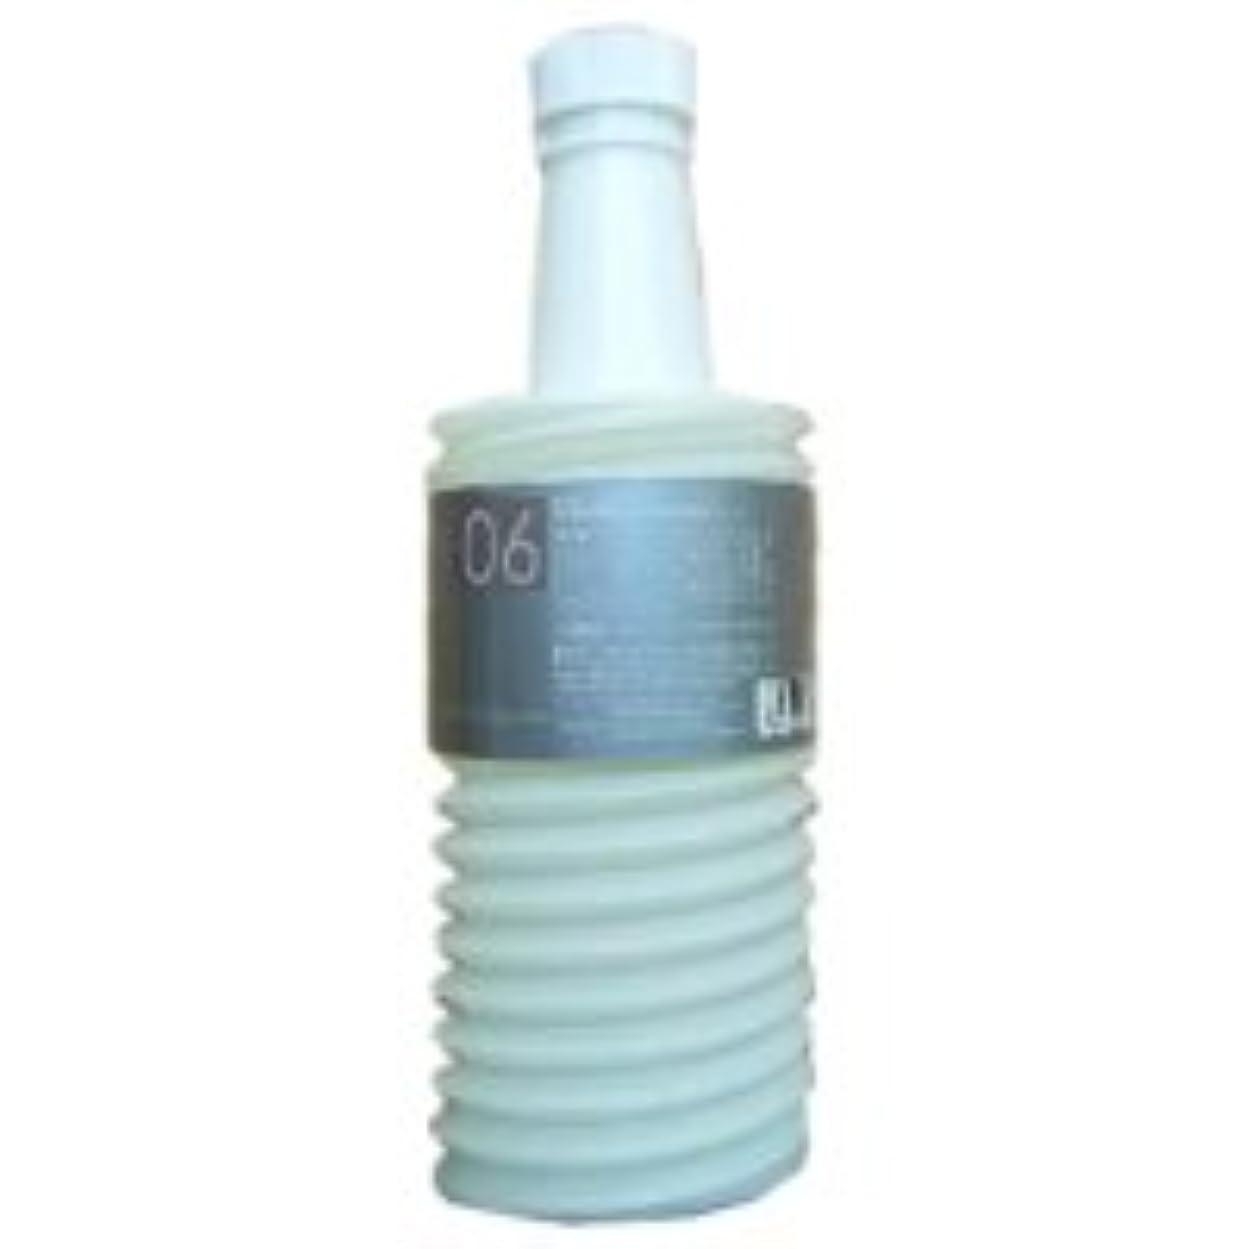 ボトルネック液化するモルヒネムコタ アデューラ アイレ07 フォー パーマ ウィークリー 700g(業務?詰替用)